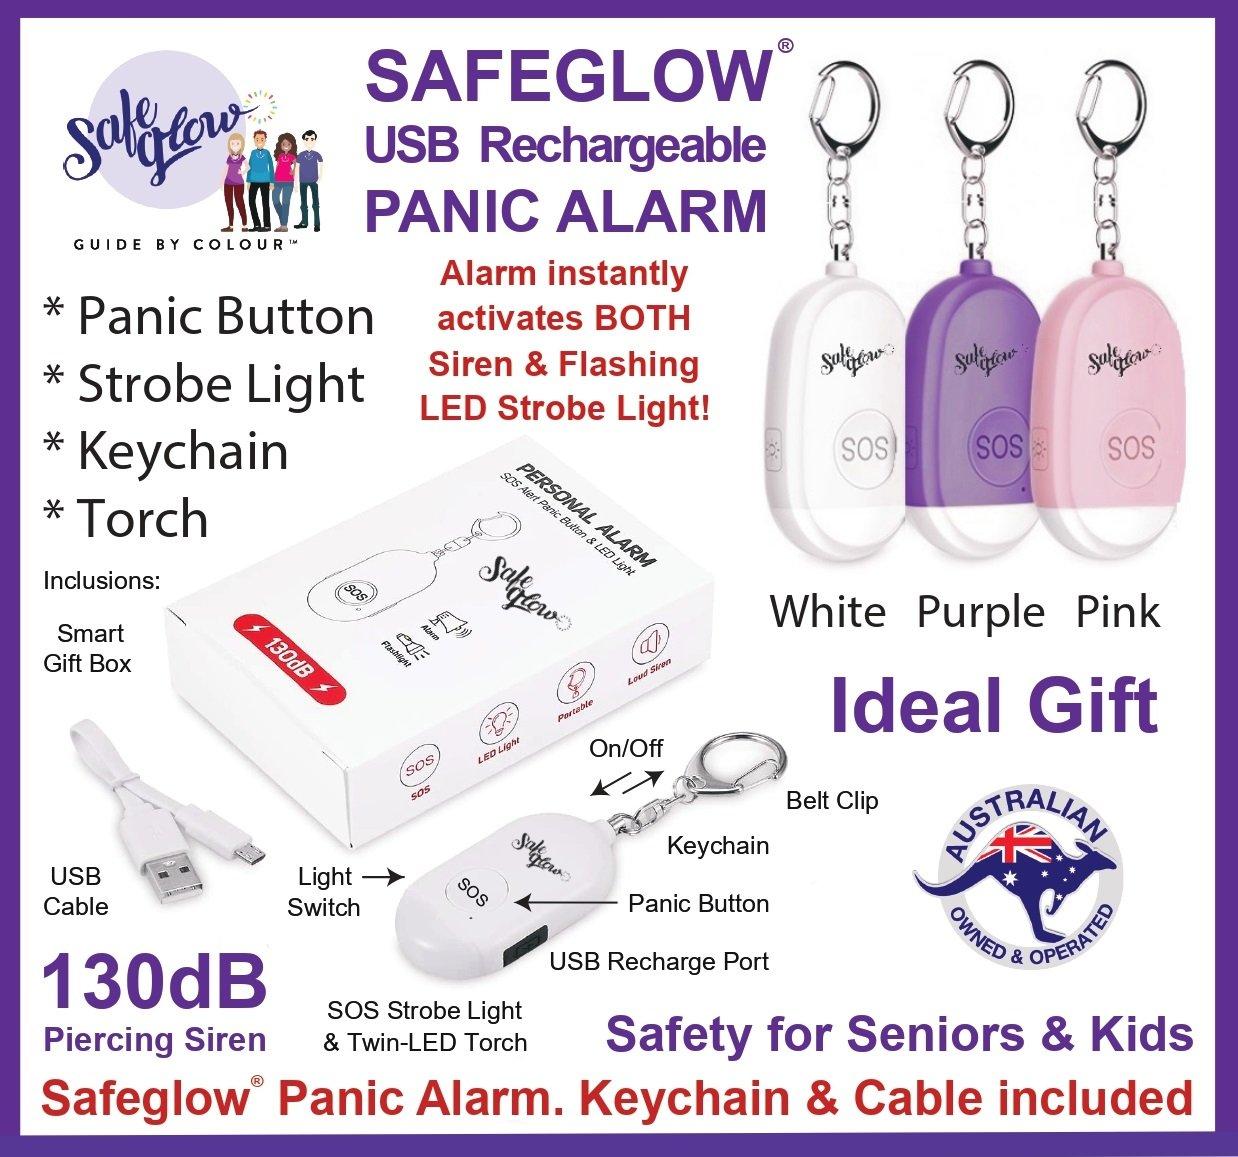 Image of Safeglow USB Rechargeable Panic Alarm & LED Flashlight